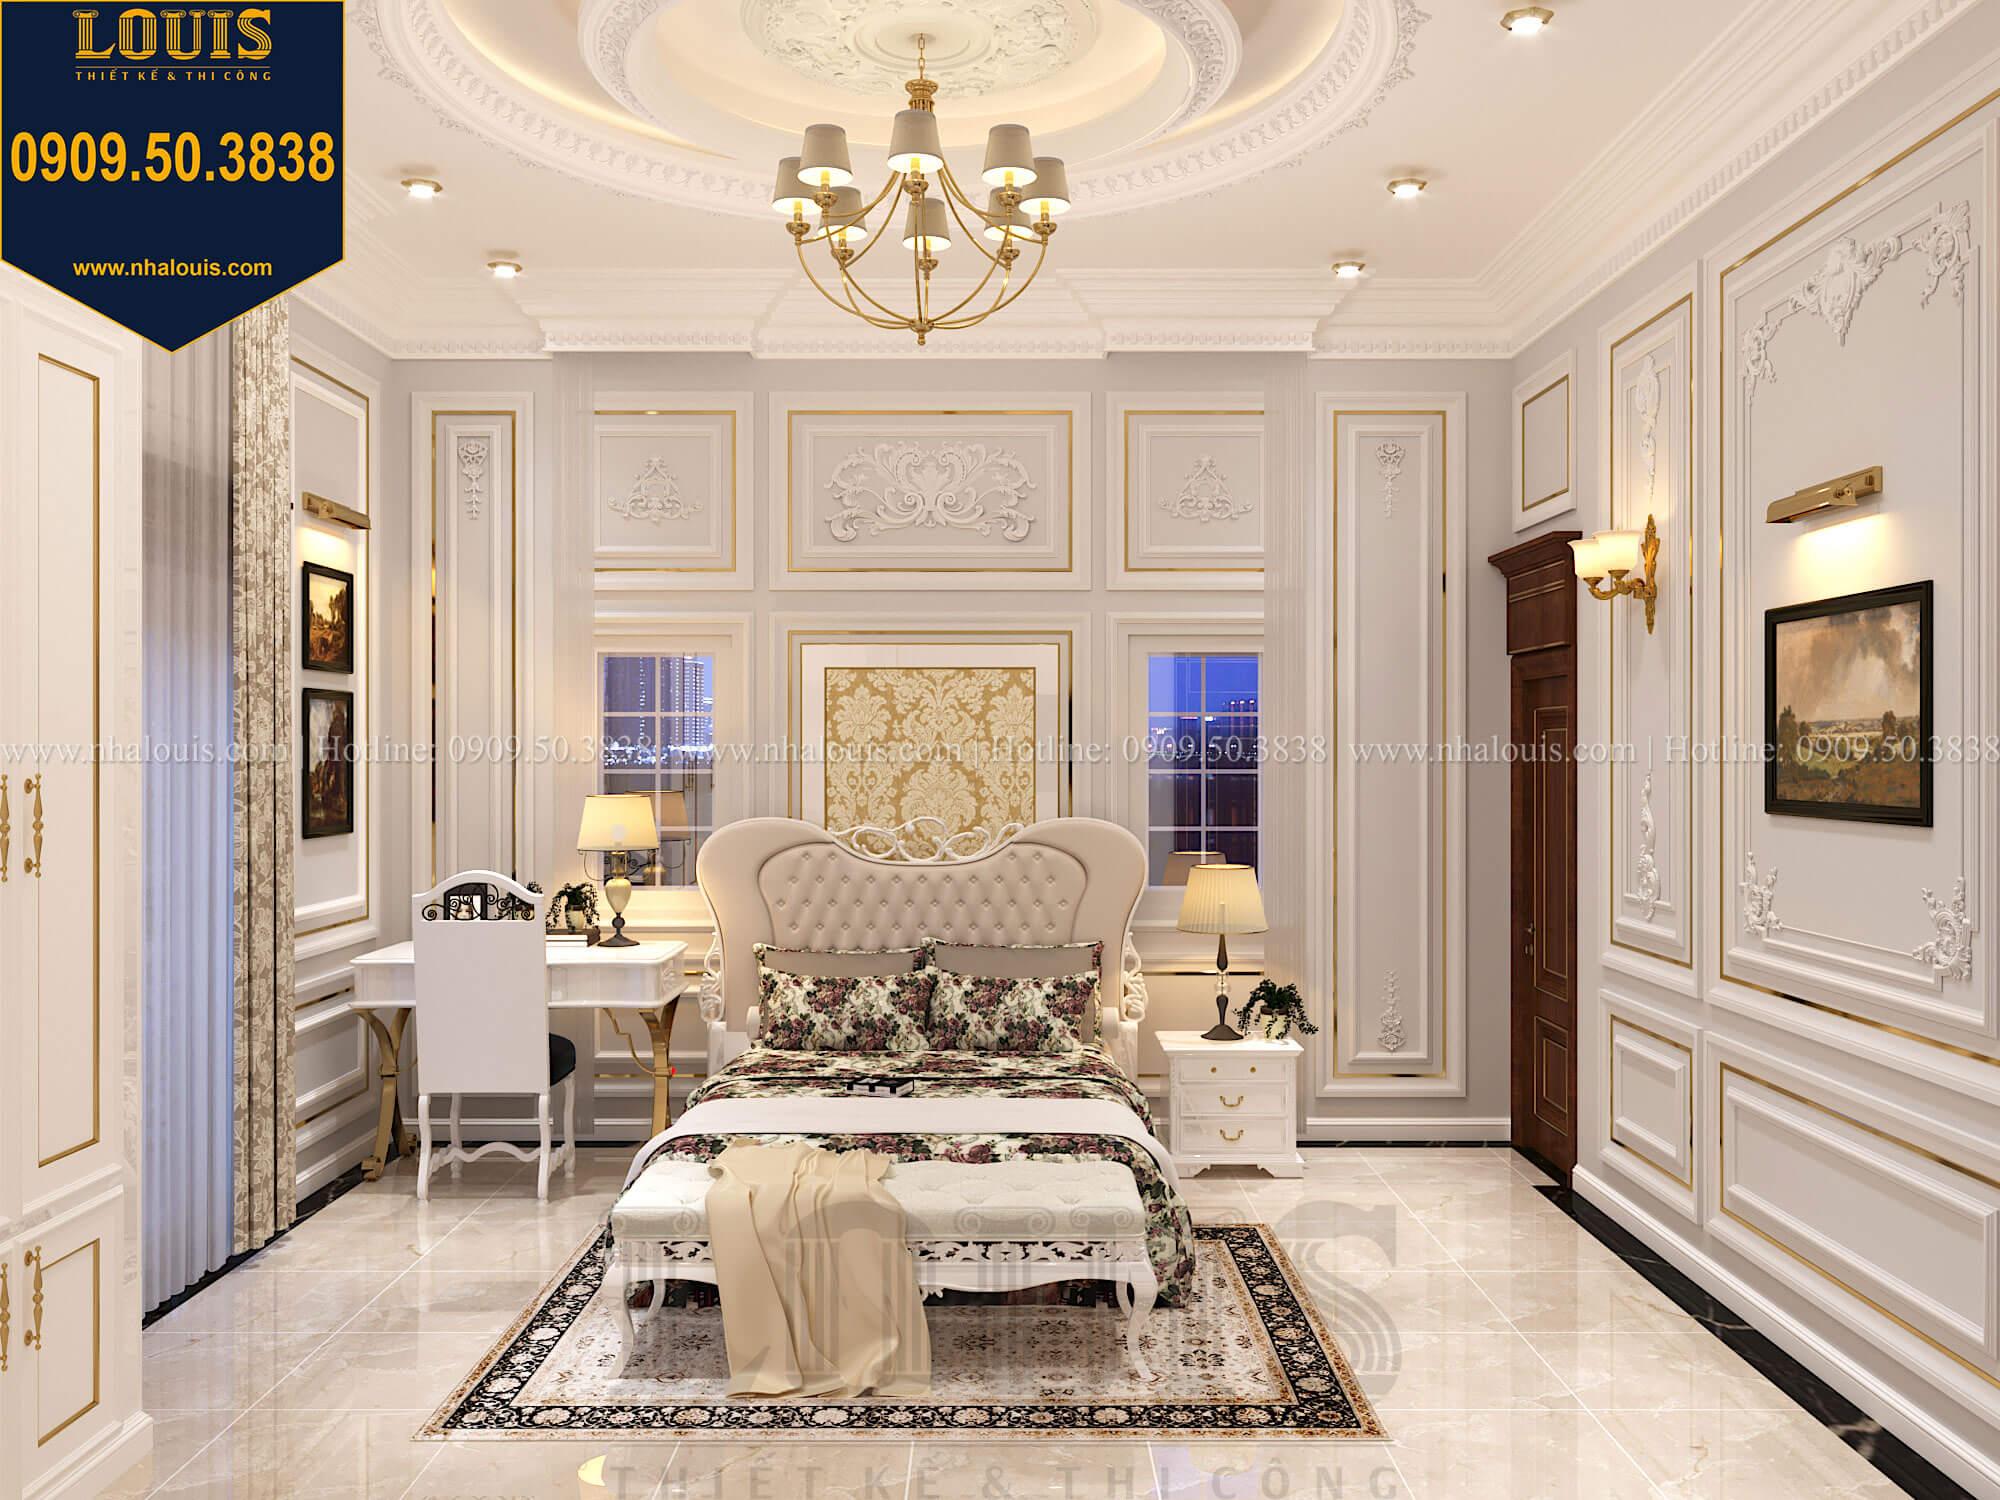 Phòng ngủ con gái Thiết kế biệt thự cổ điển 2 tầng nguy nga và đẳng cấp tại Tây Ninh - 55